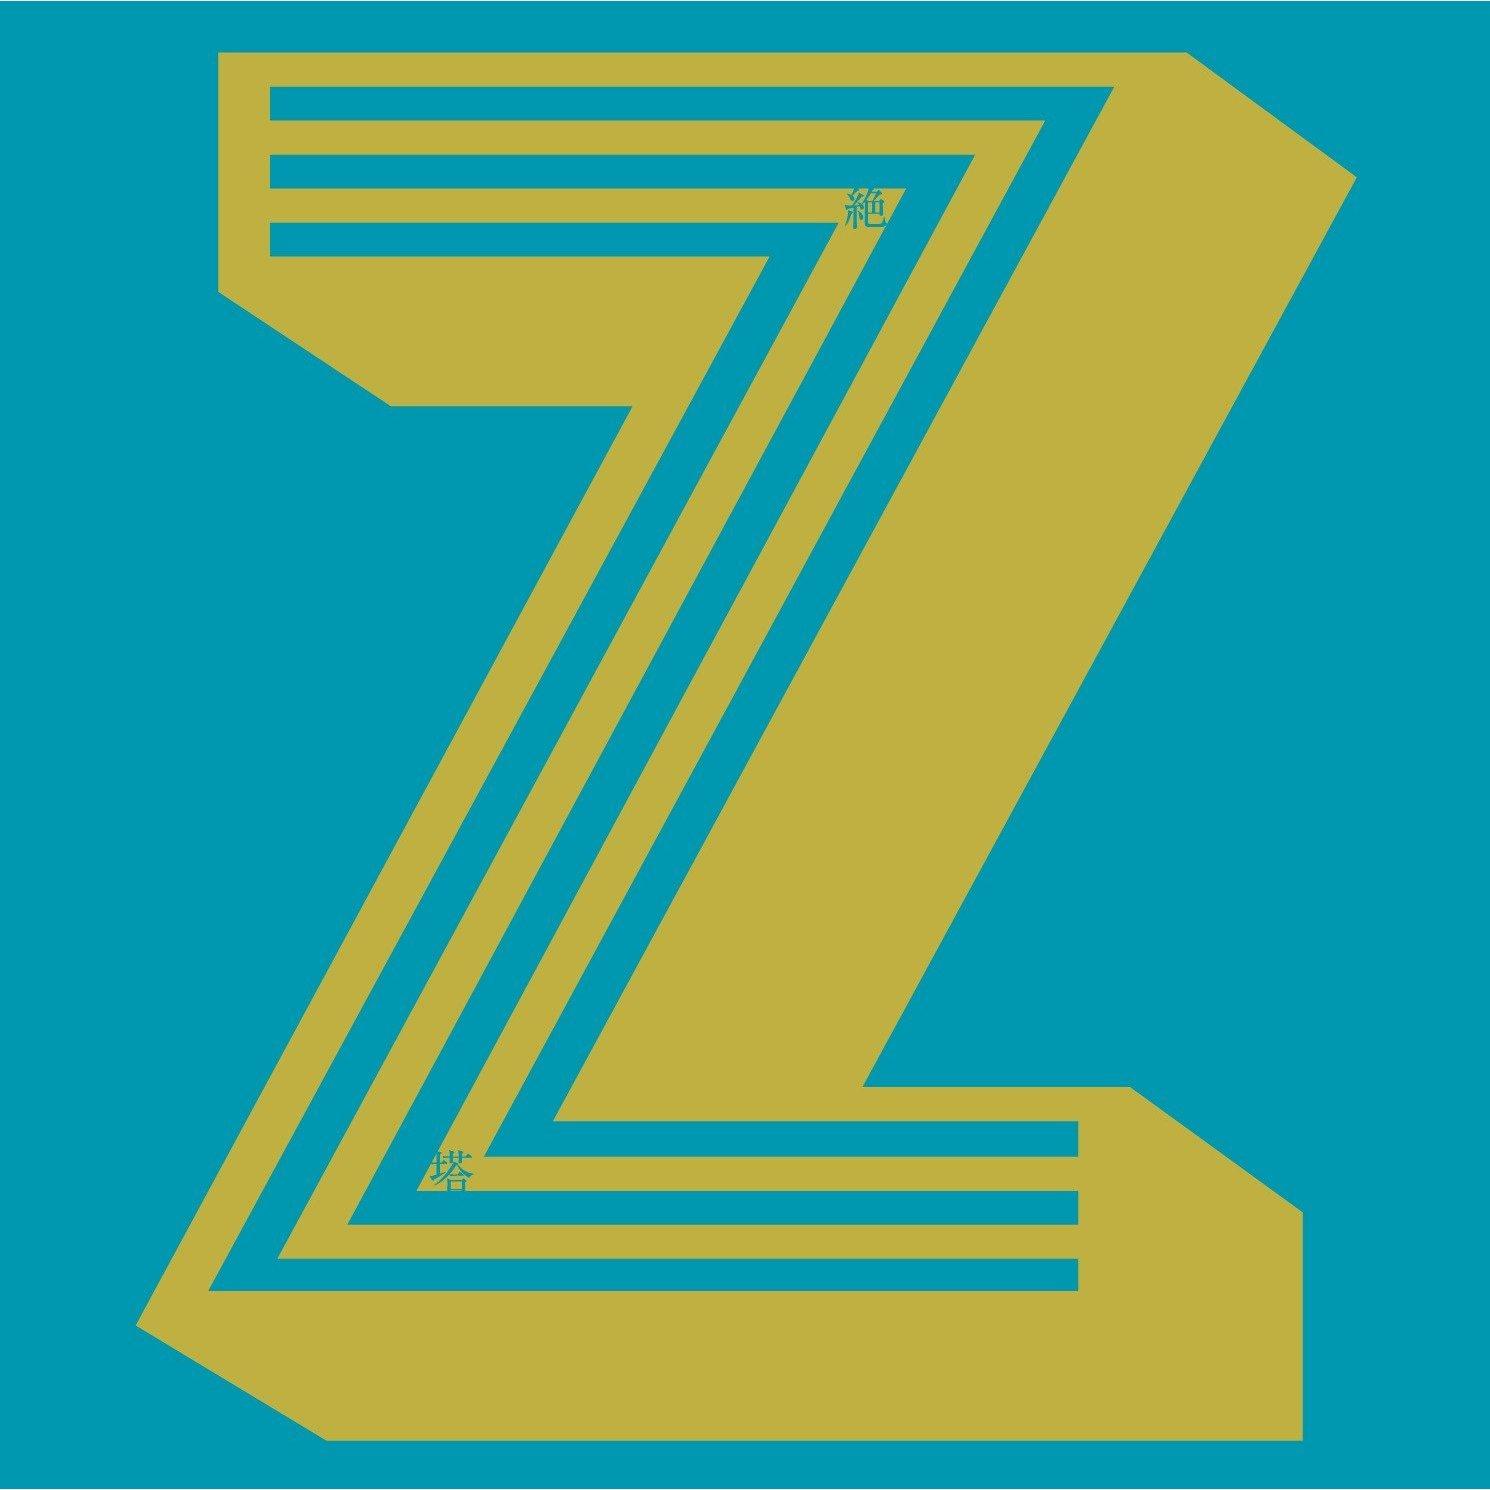 Z - 邨カ蝪?繧シ繝?ヨ繧ヲ) 2012